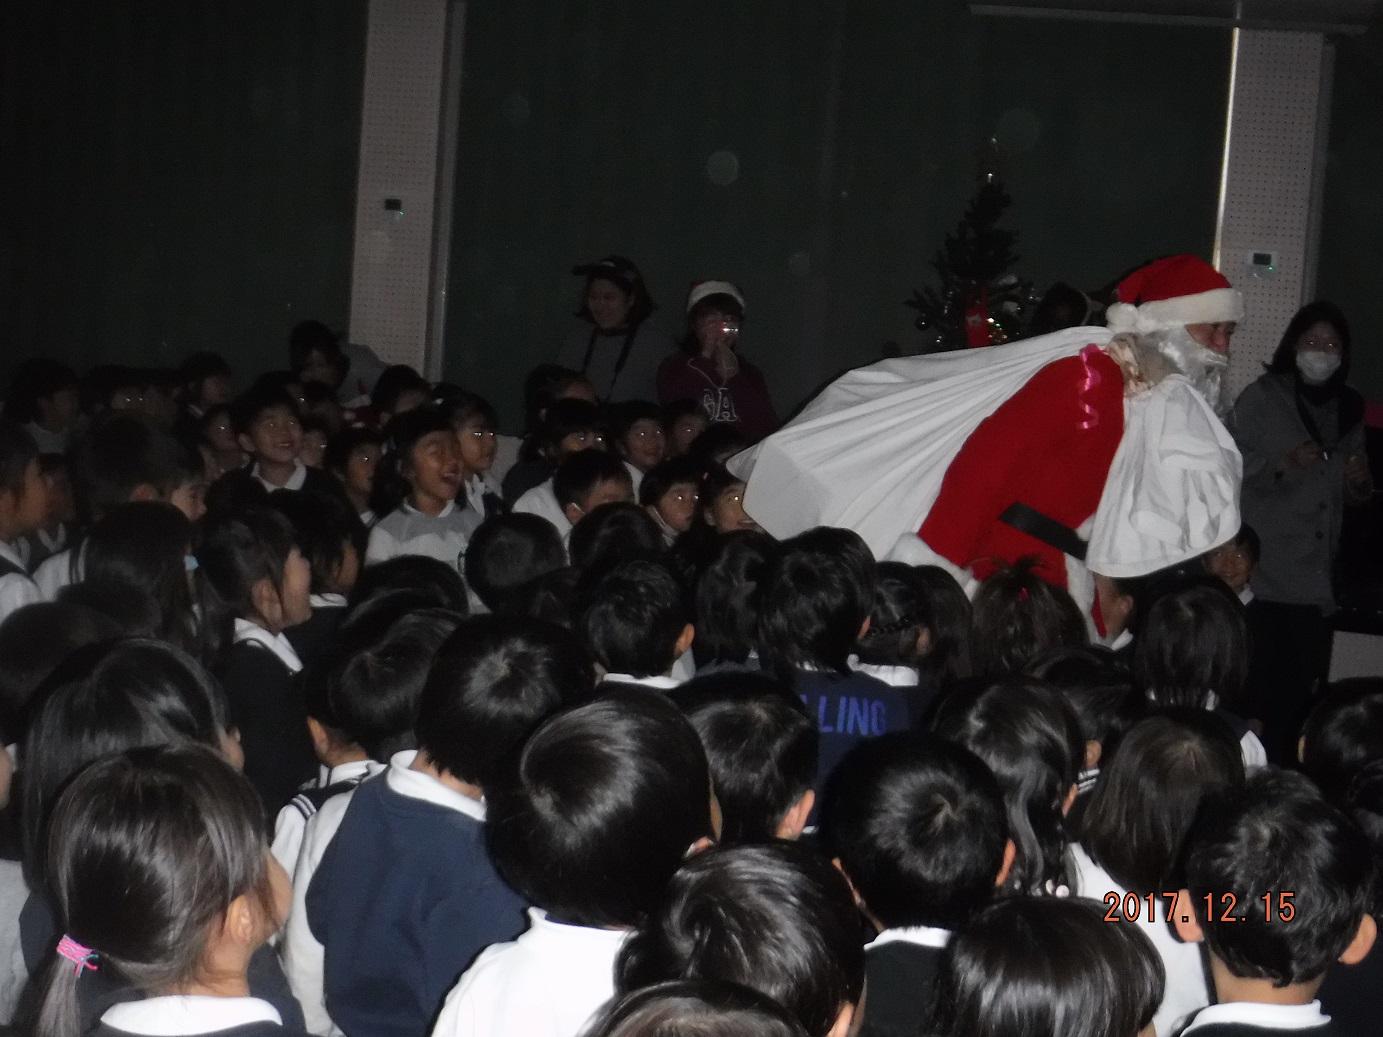 ☆*クリスマス会楽しかったね*☆